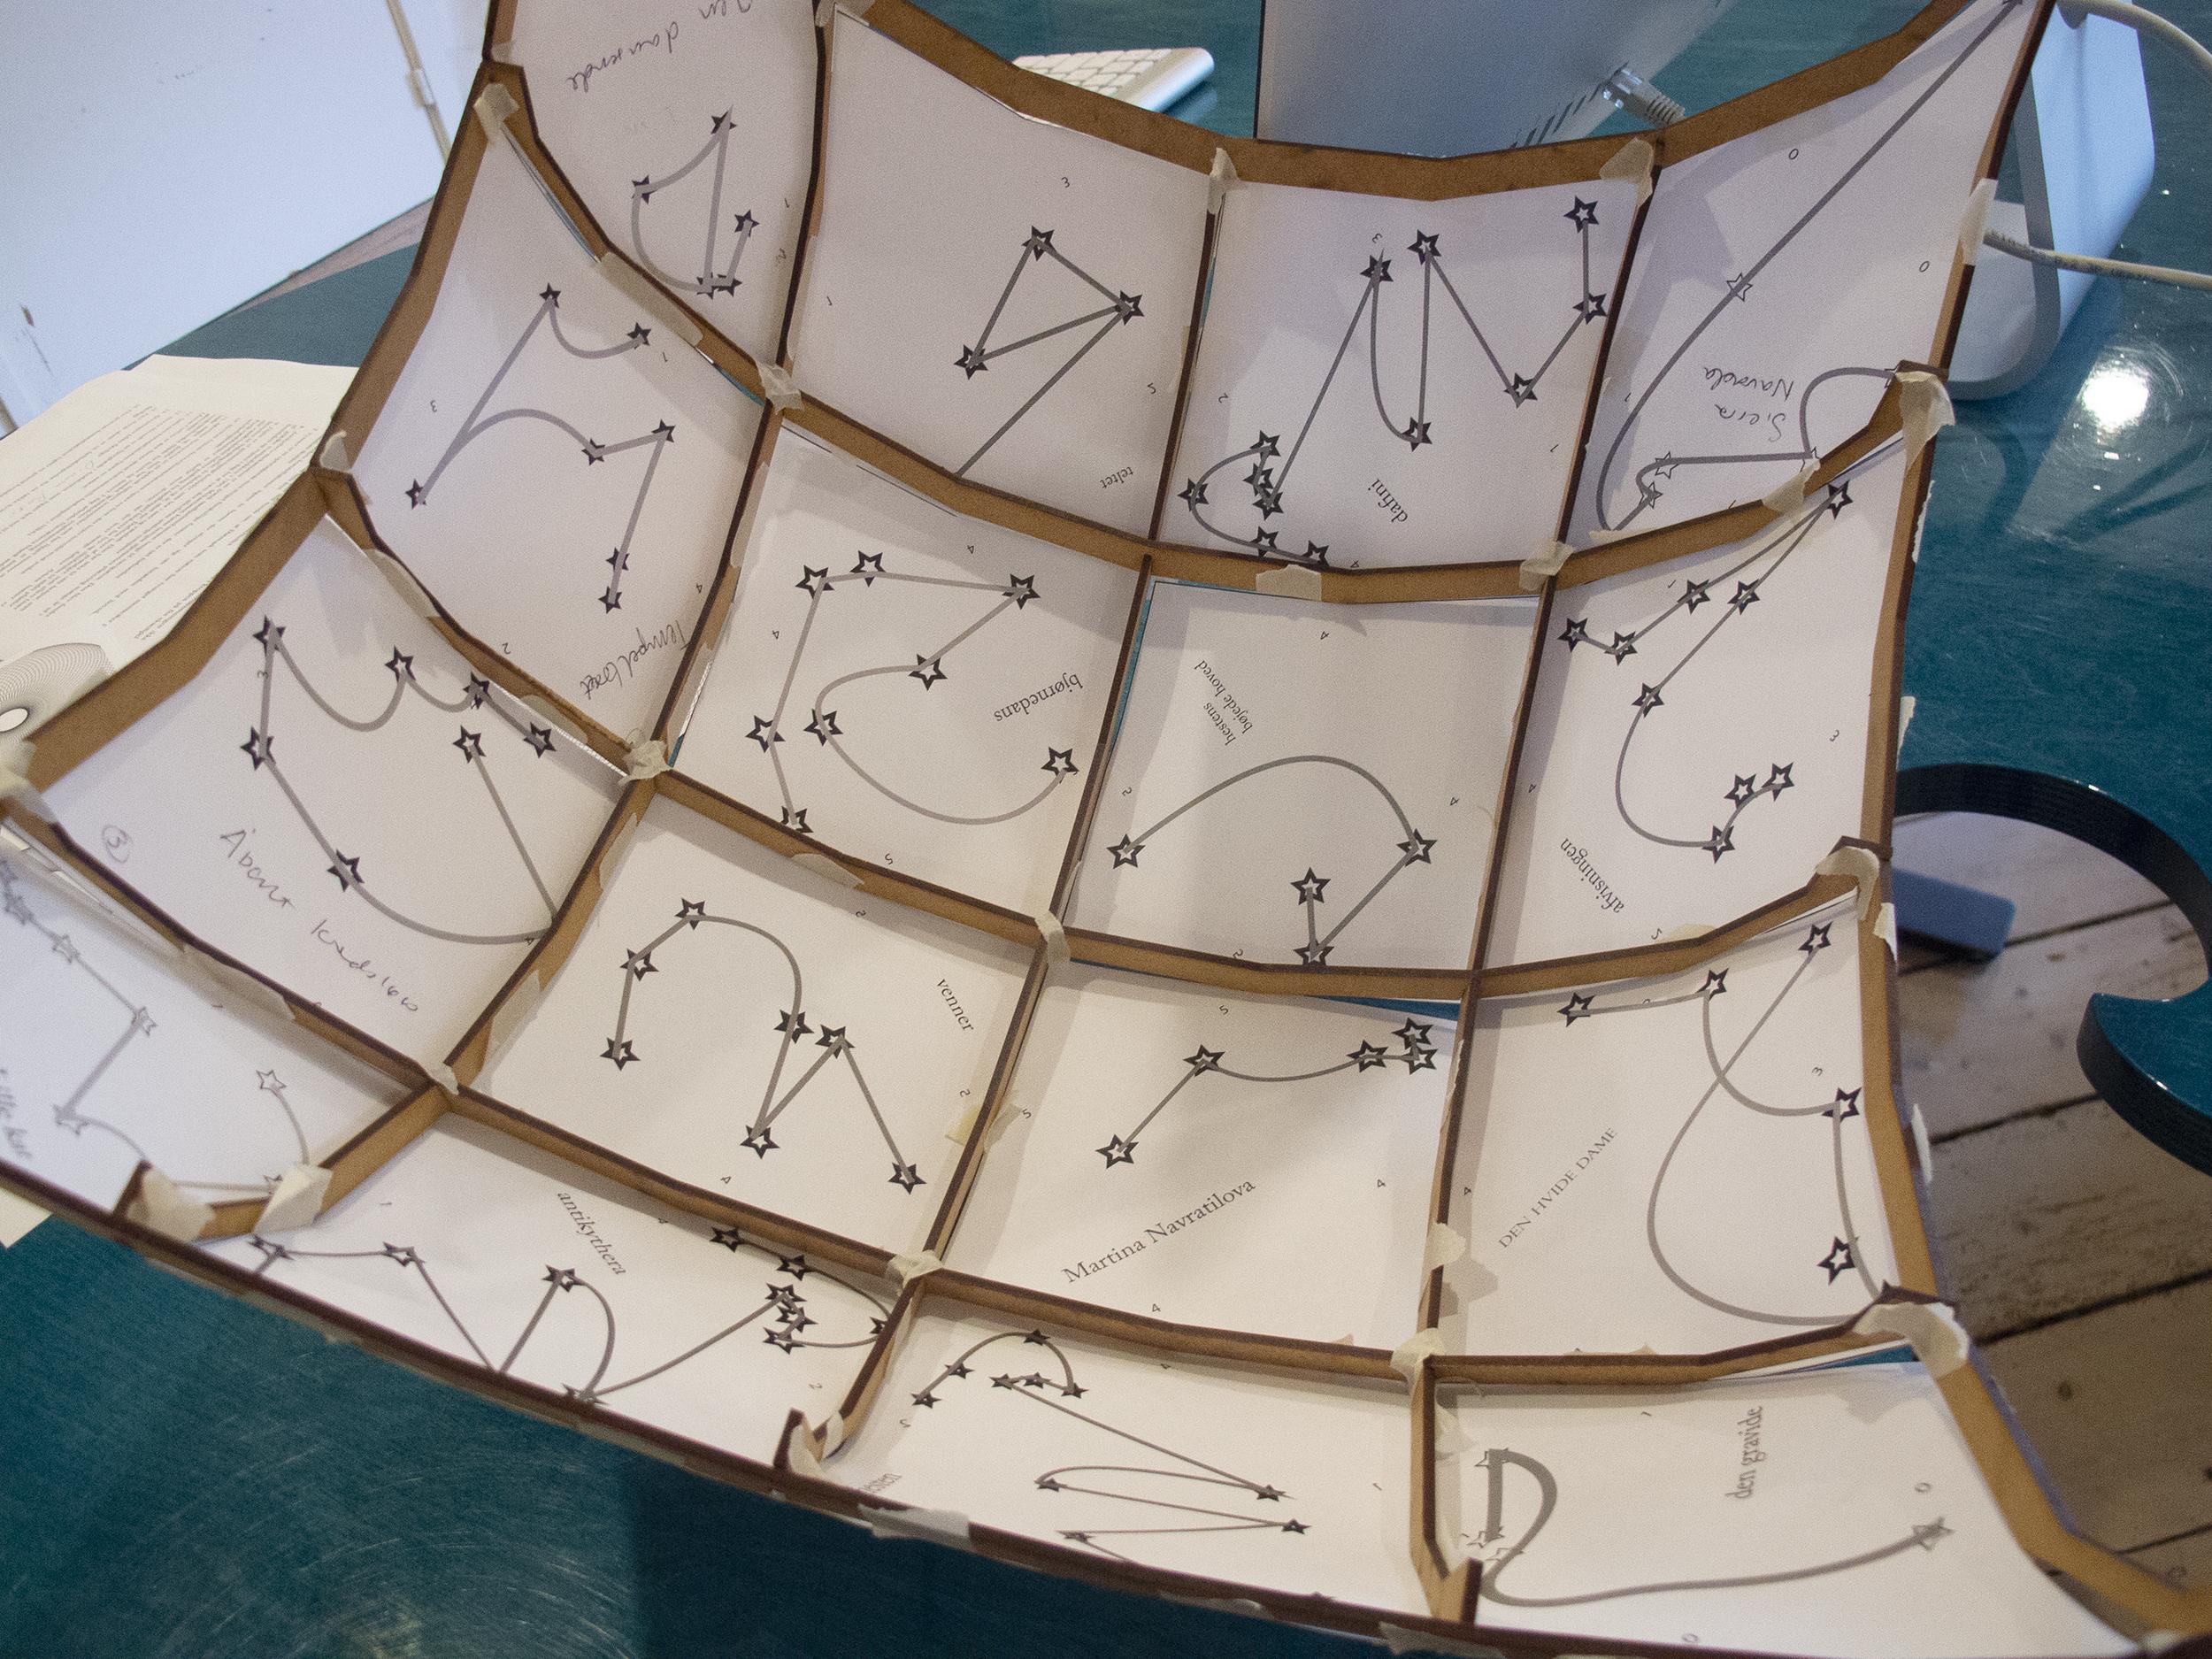 Indersiden af pavillonsejlet med skitse til stjernebilleder